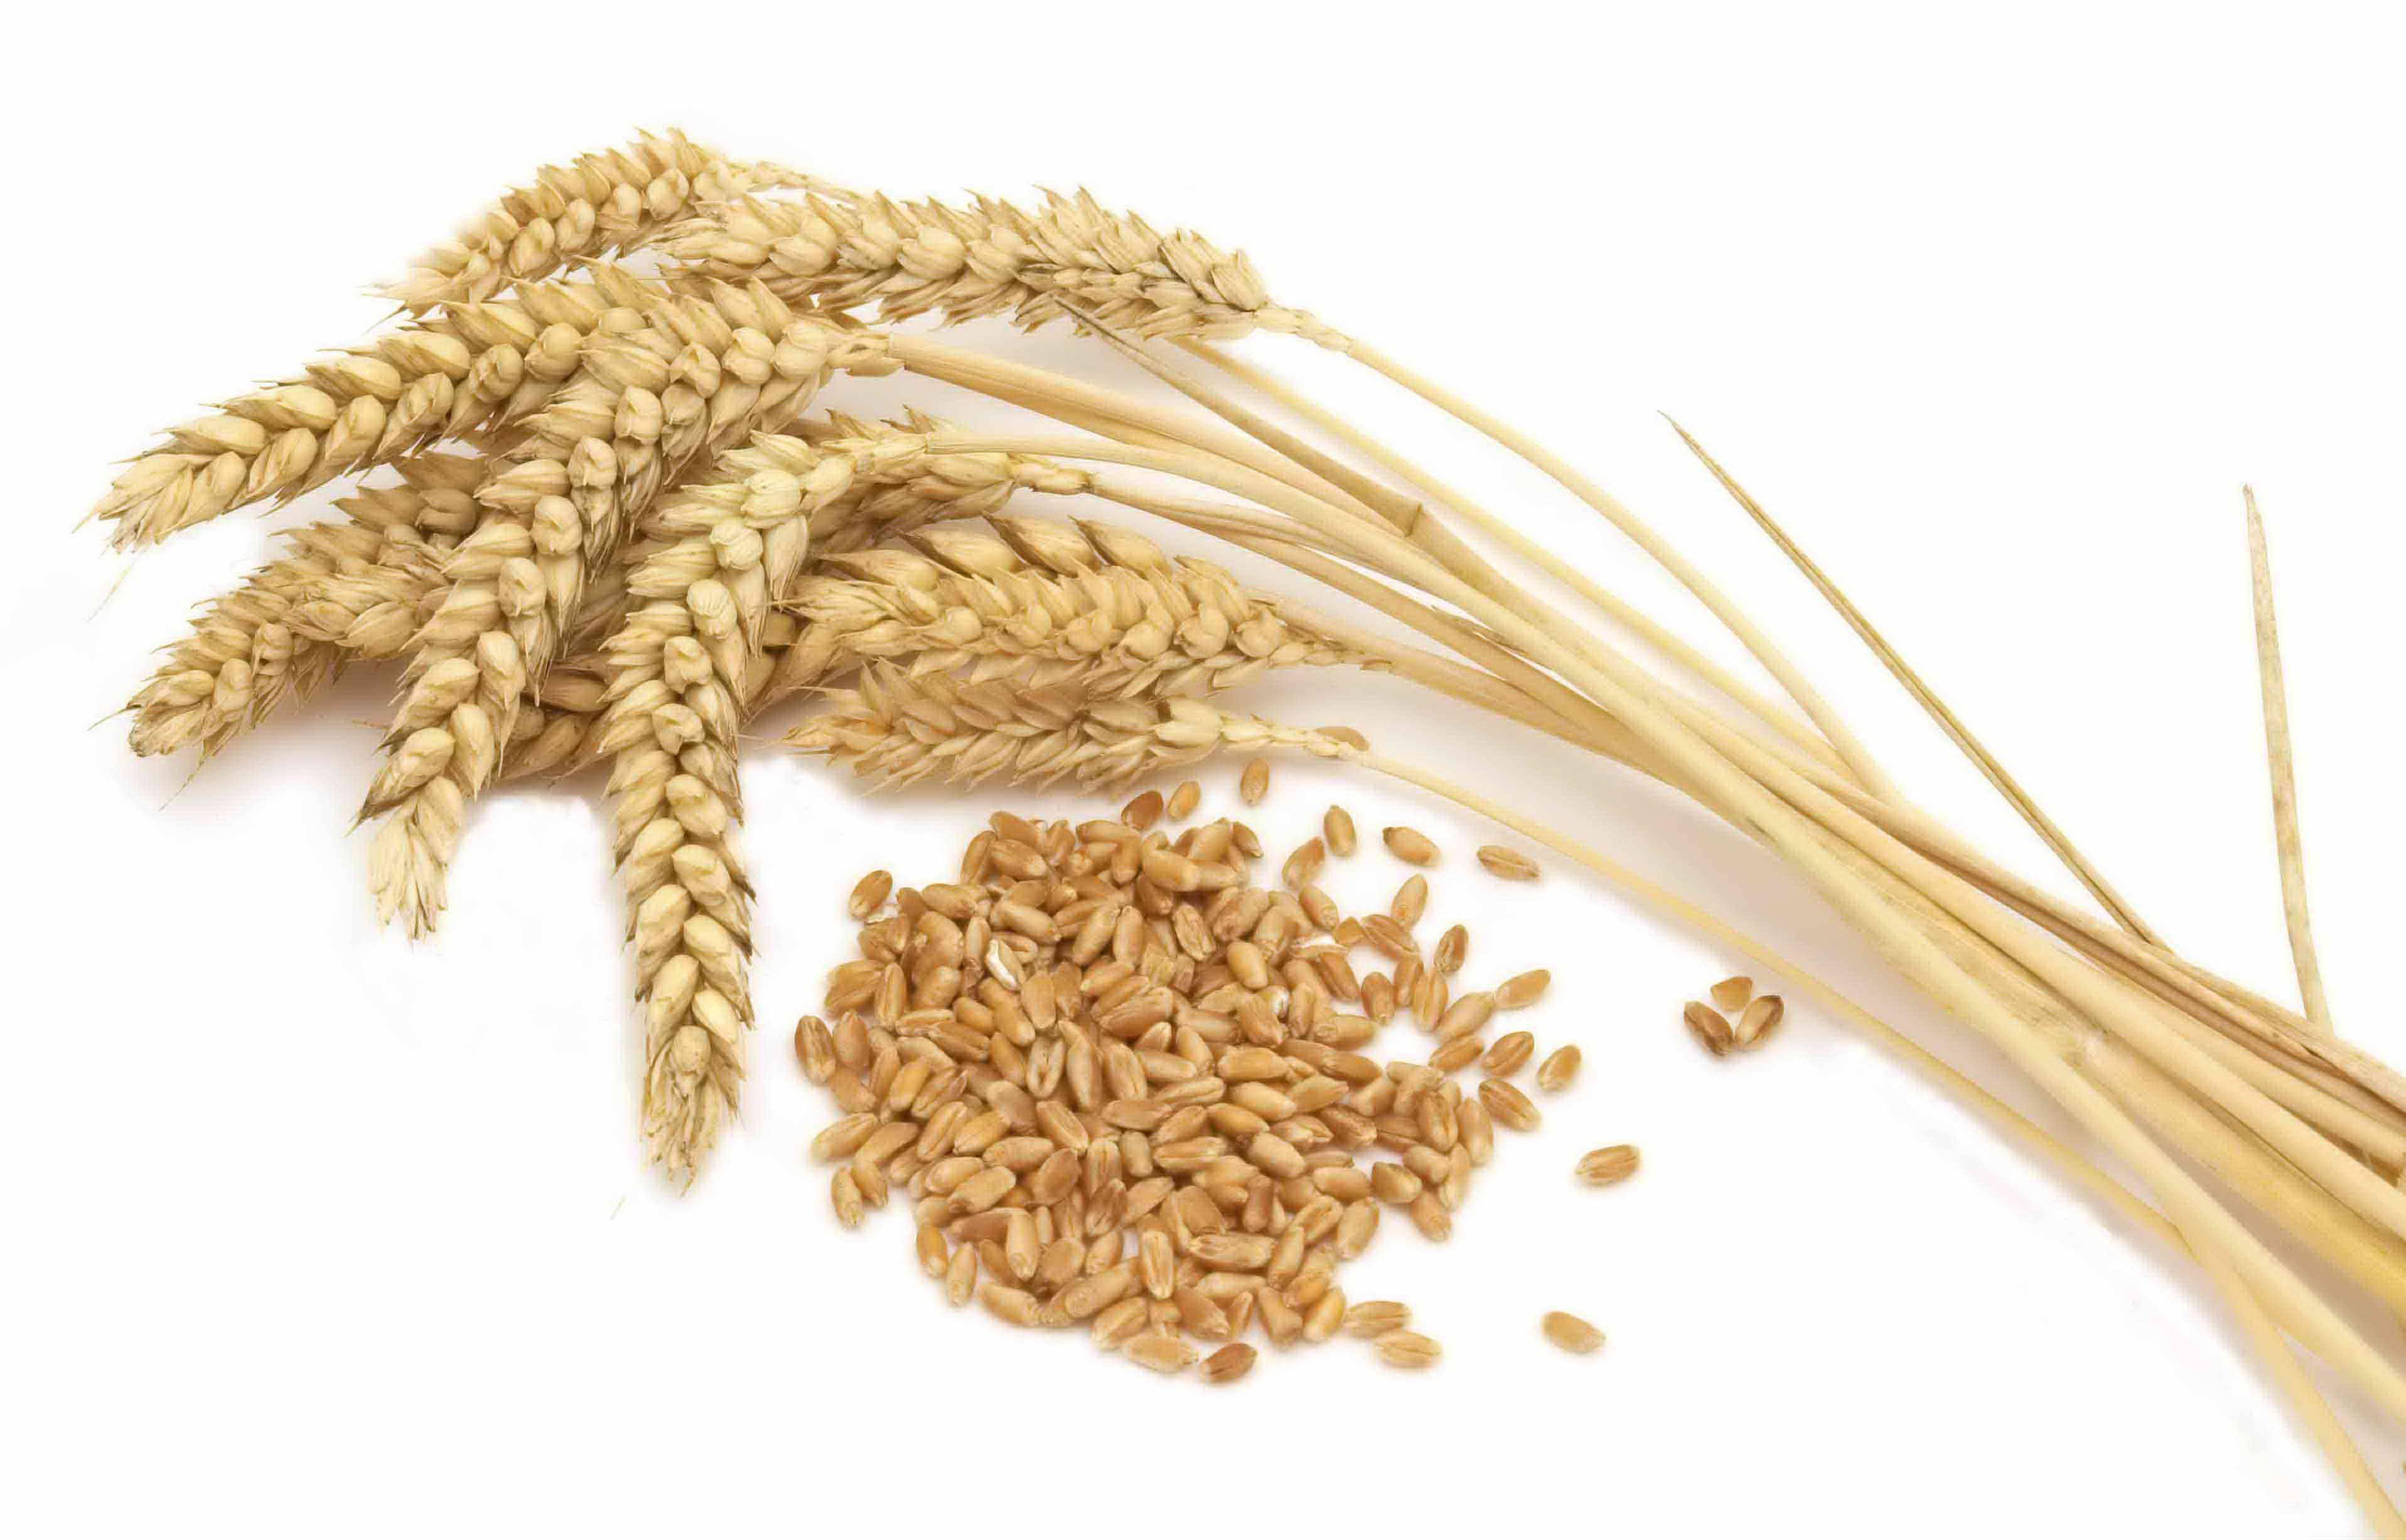 Hard wheat